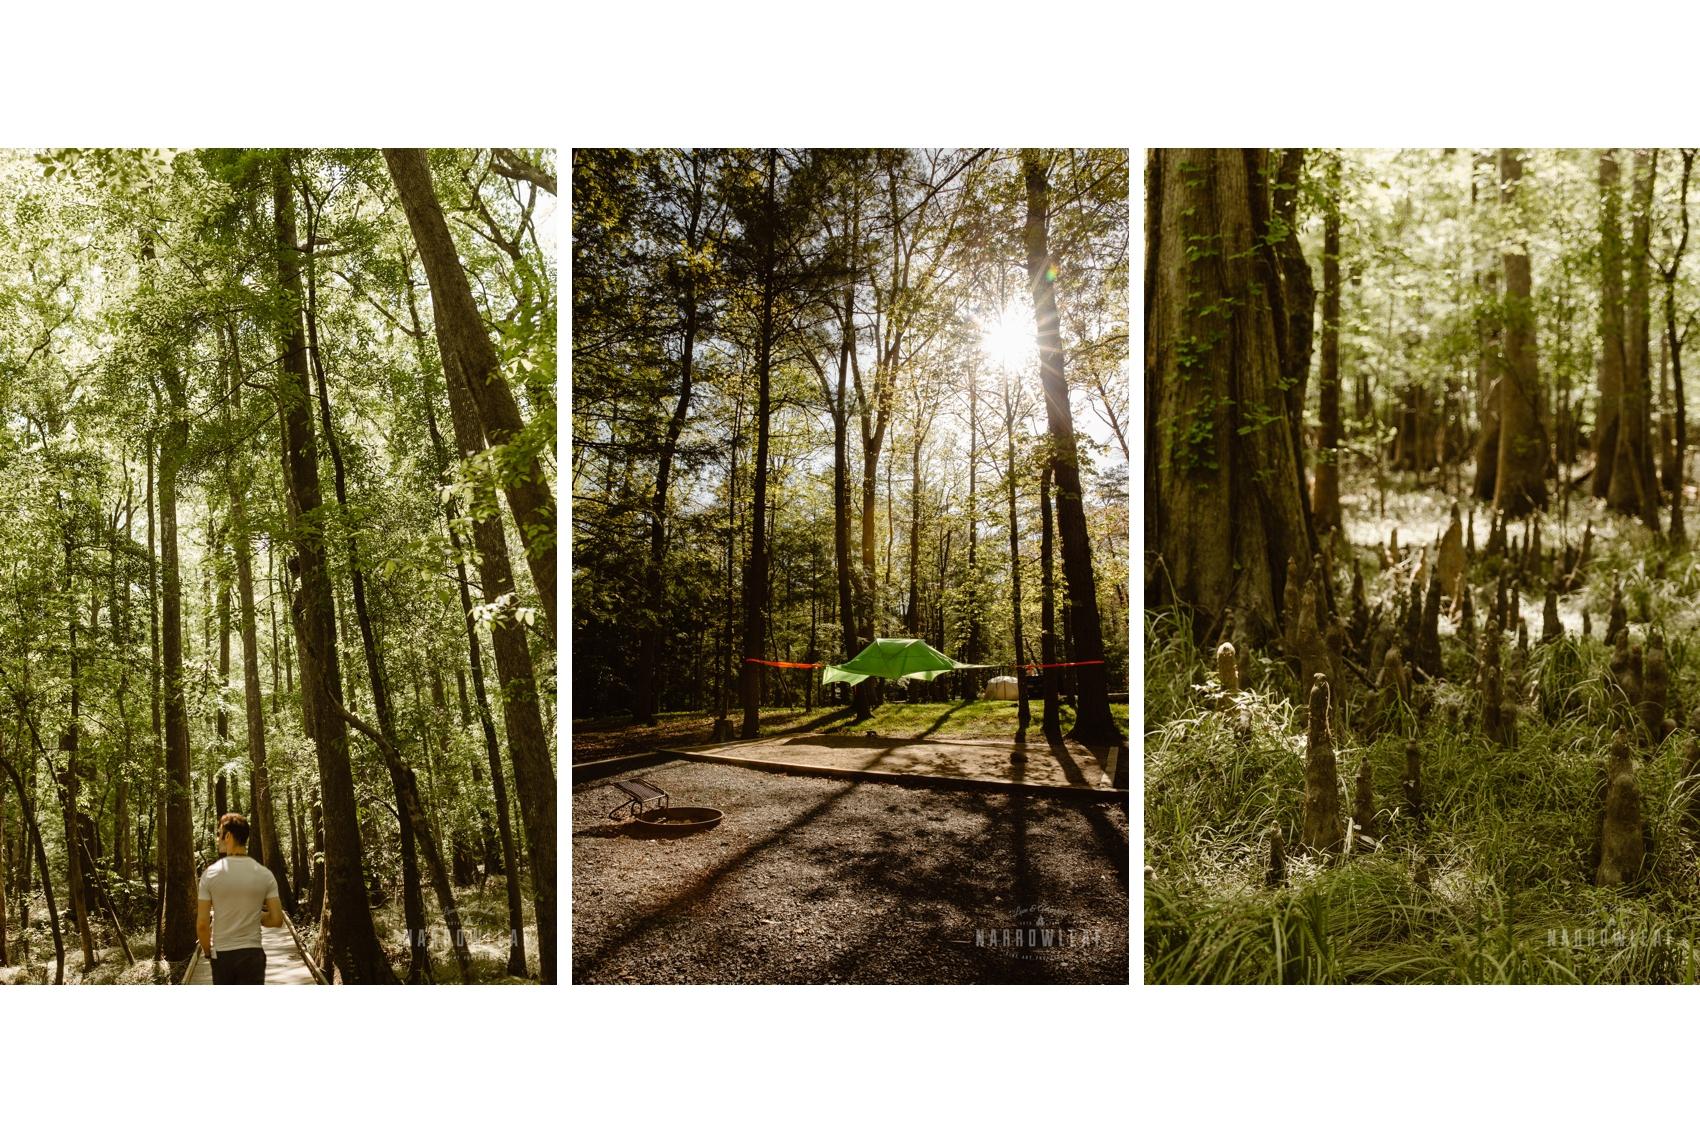 Congaree-national-park-north-carolina.jpg